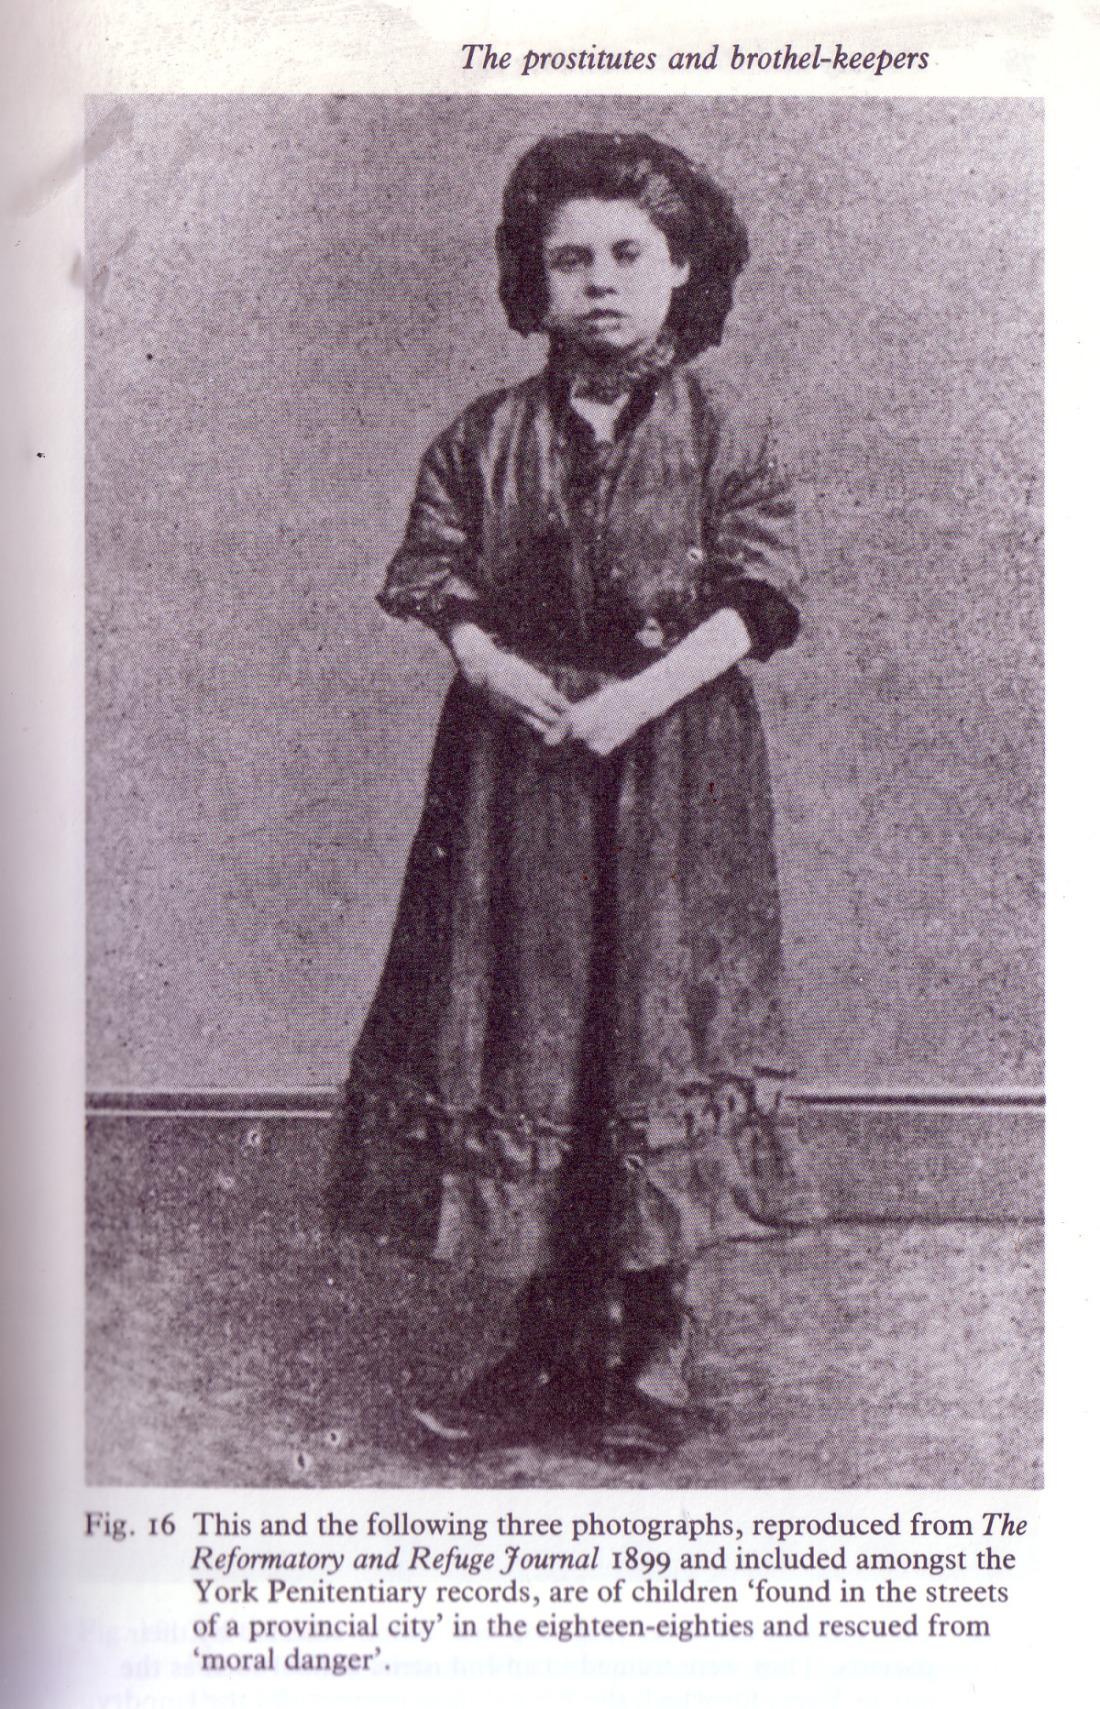 Kinderprostituee uit York, negentiende eeuw. Bron: Finnegan